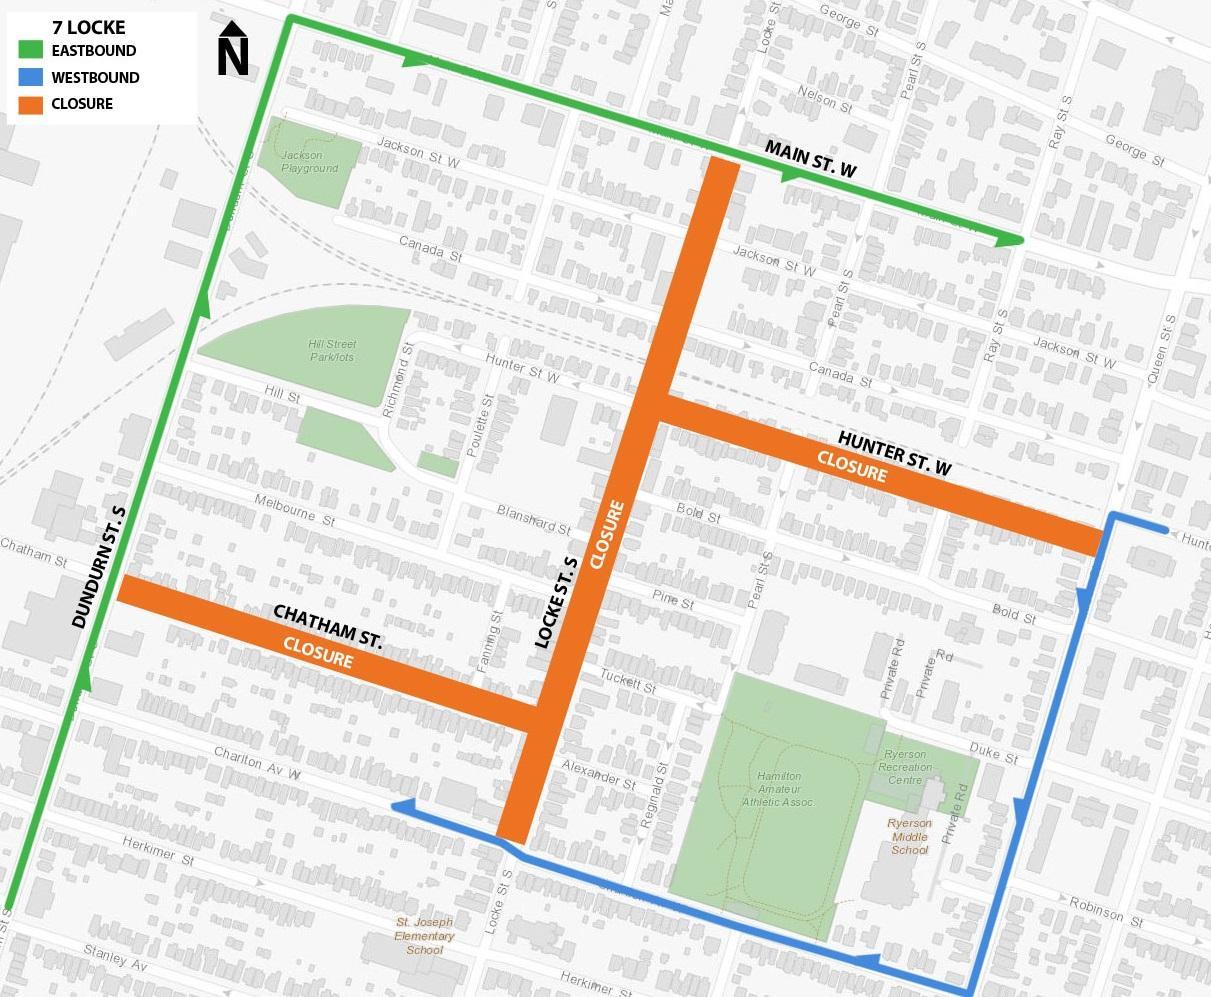 weekend events affect transit services september 7 8 9. Black Bedroom Furniture Sets. Home Design Ideas